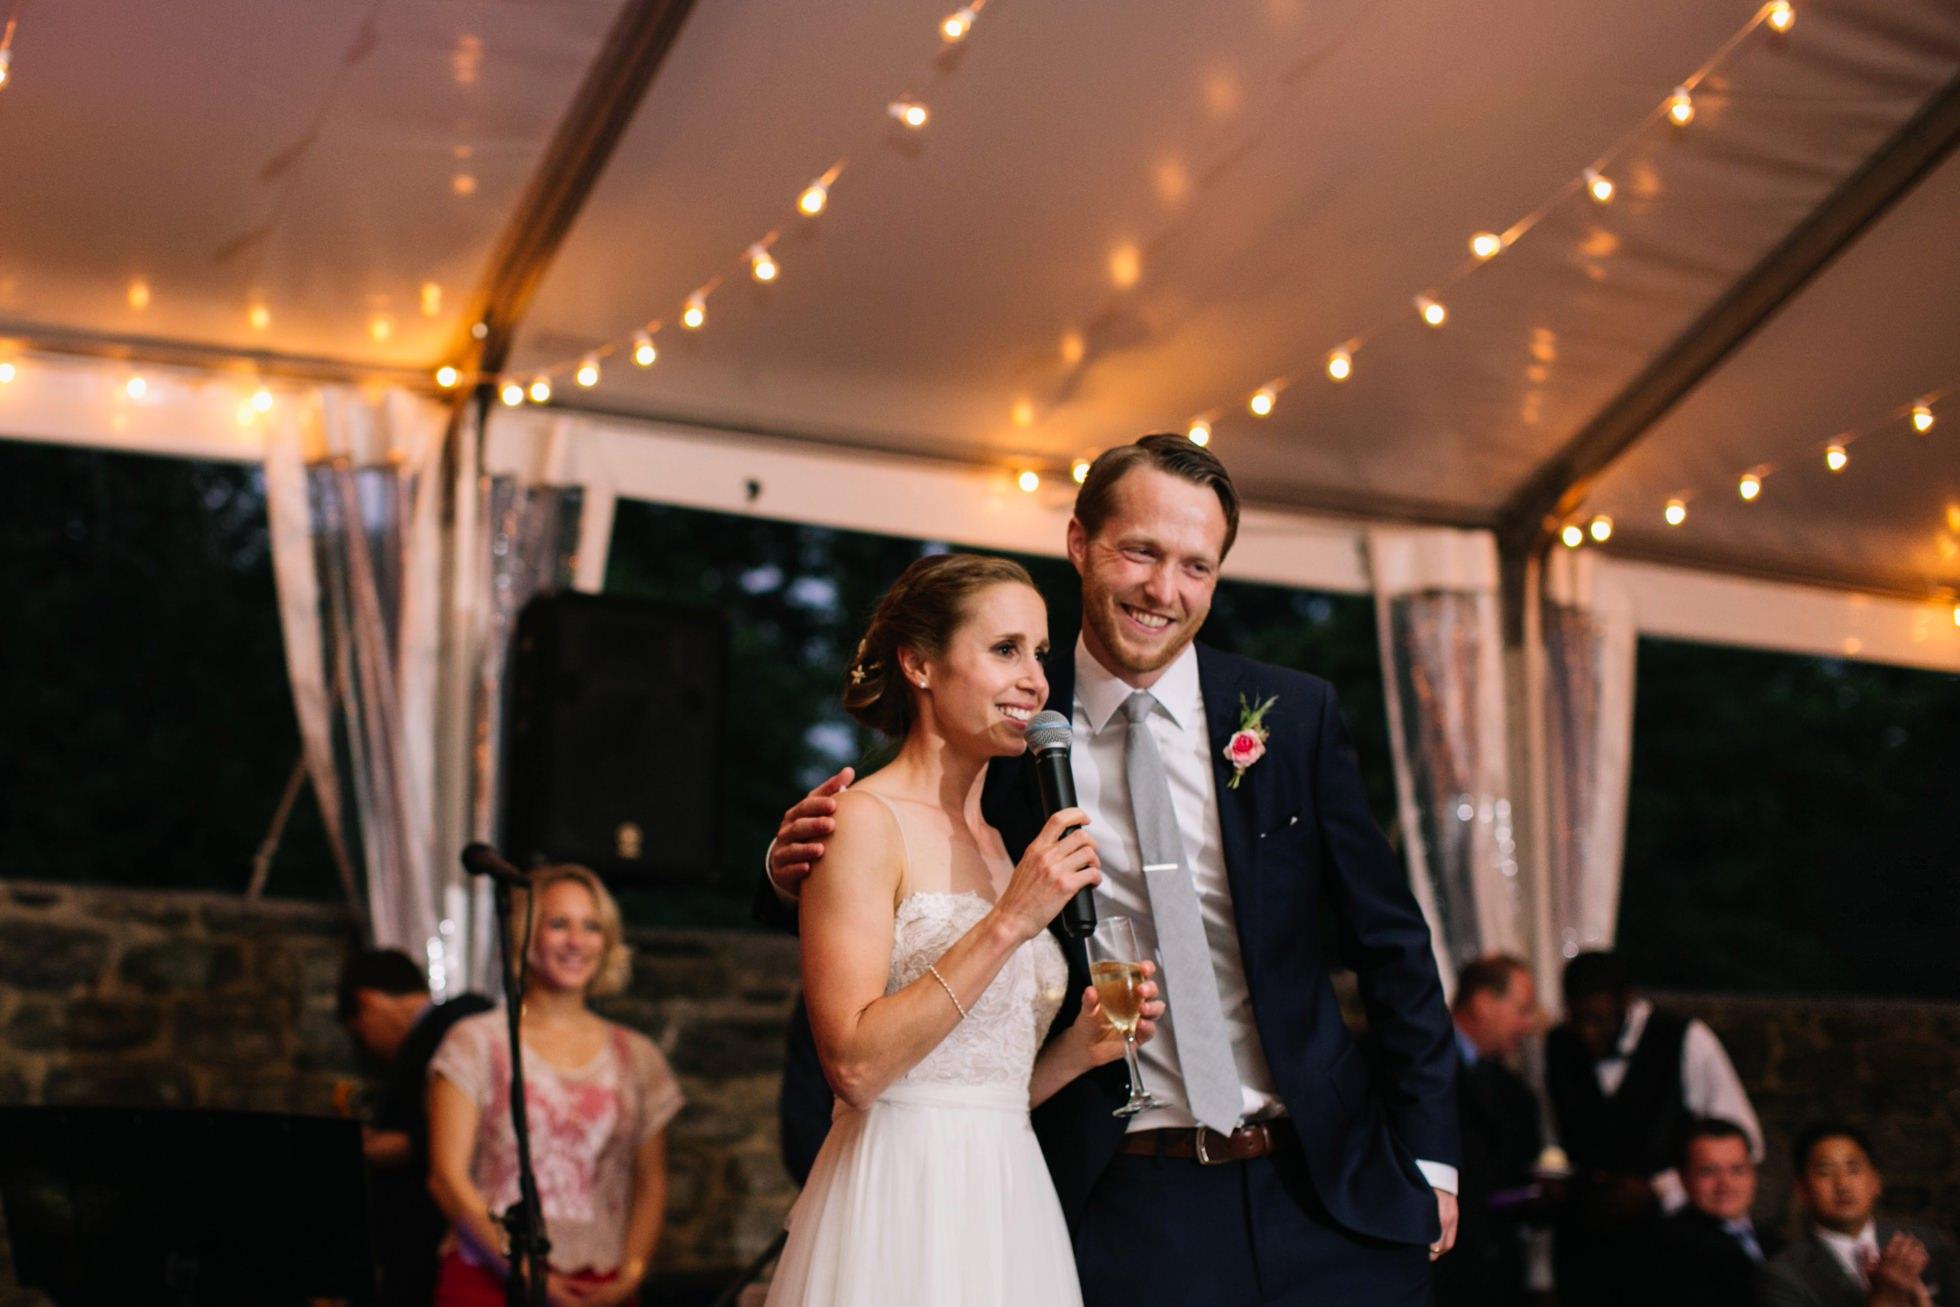 Romantic Bartram's Garden Outdoor Summer Wedding, Philadelphia | brittneyraine.com 091